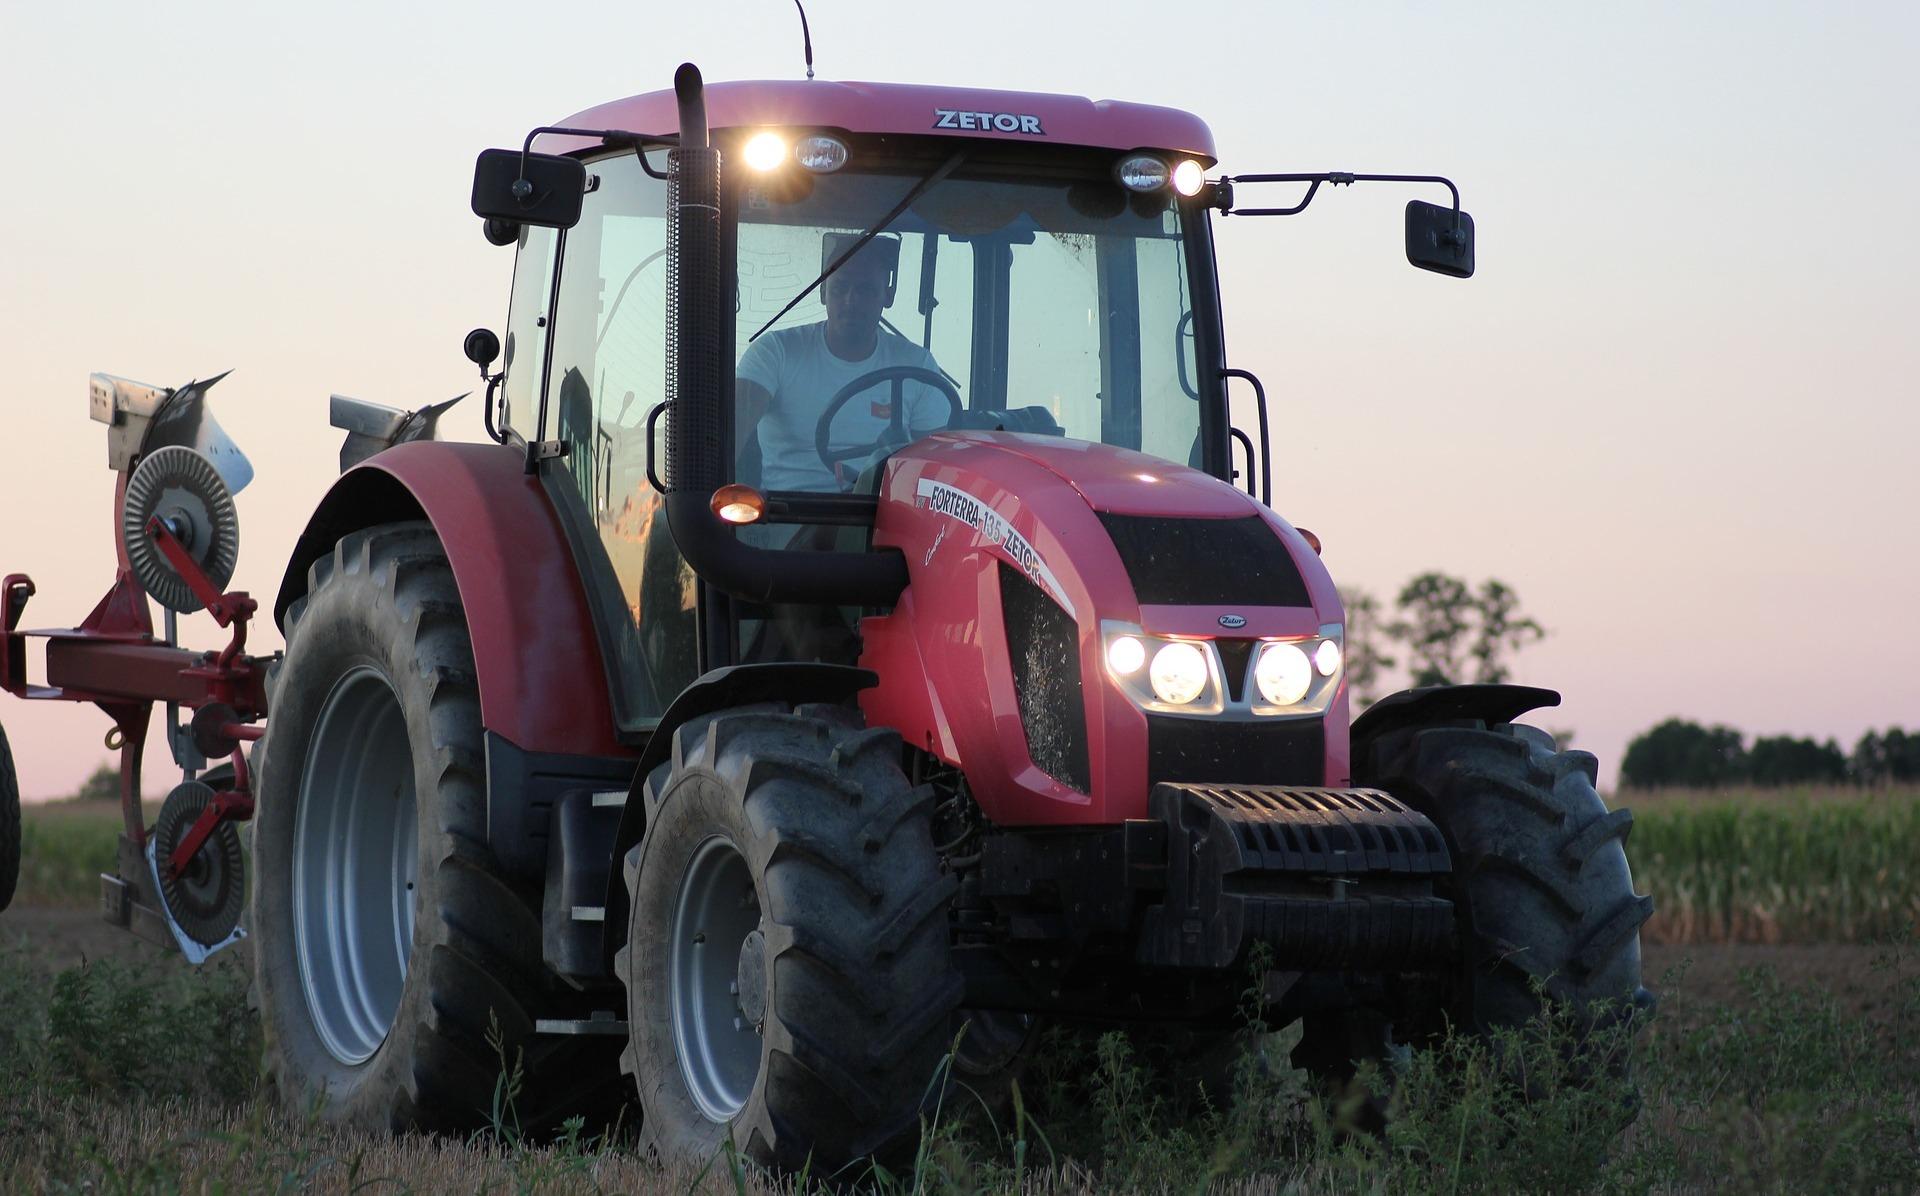 Verplichte APK voor snelle tractoren